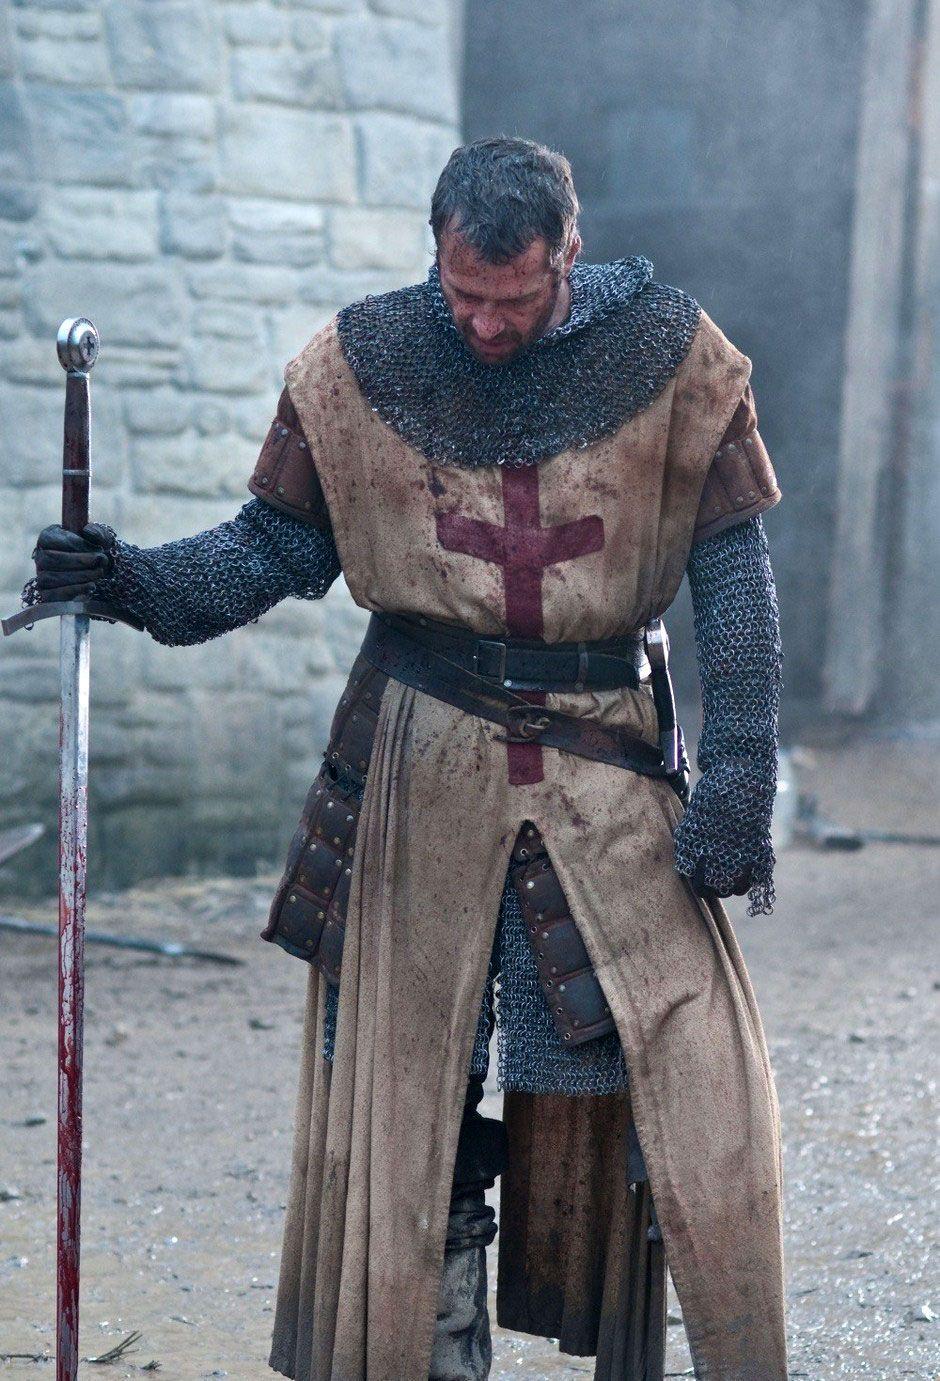 Crusader Knight                                                                                                                                                     More